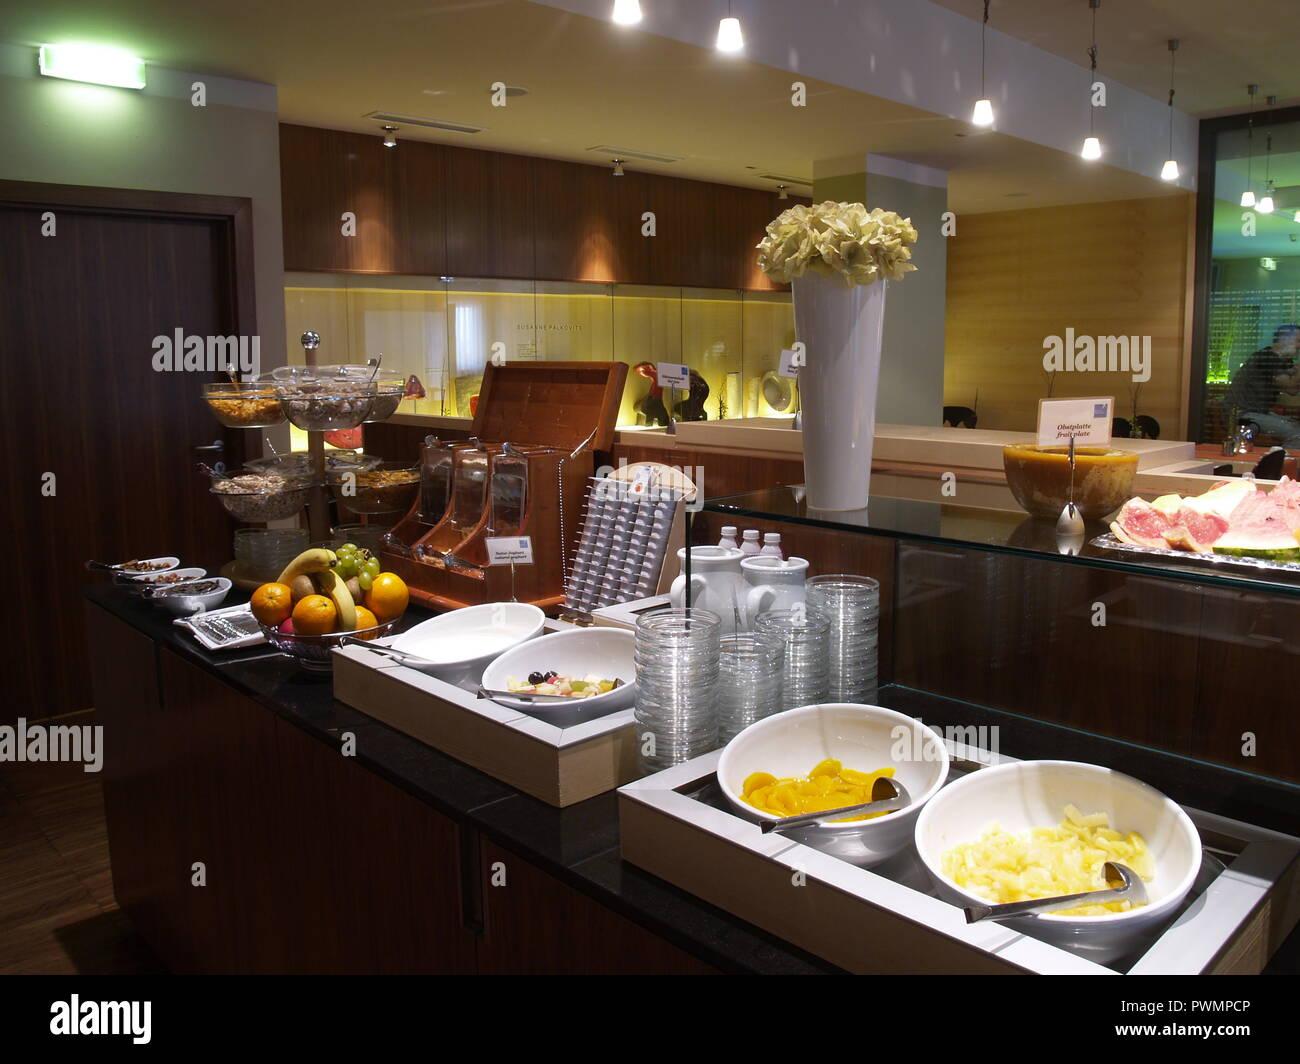 Wien, Hotelfrühstück - Vienna, Breakfast at a Hotel Stock Photo